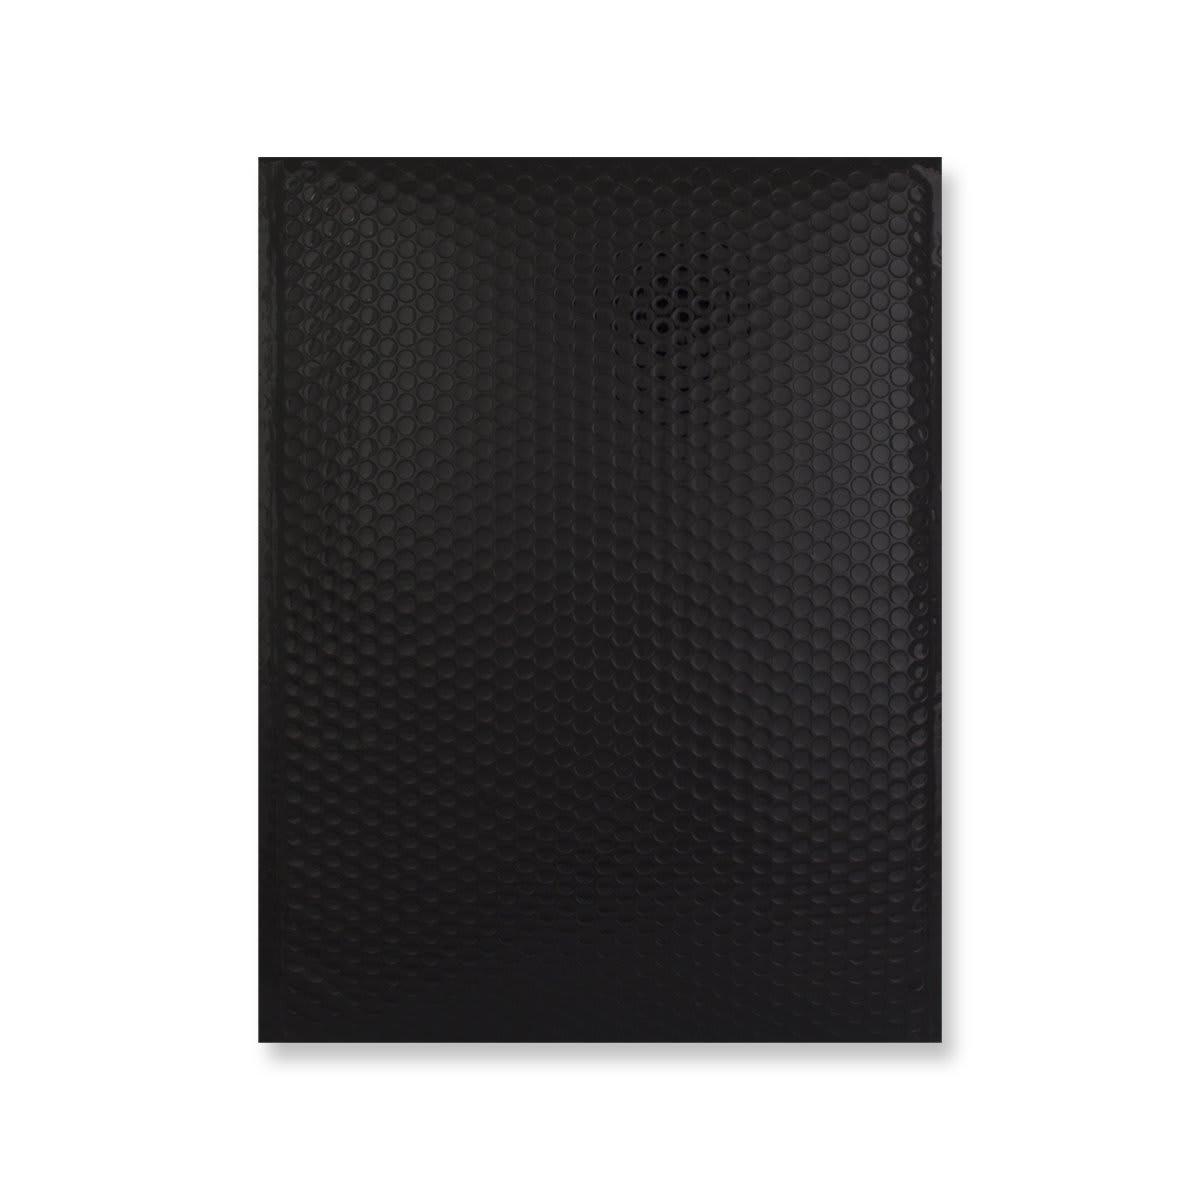 C3 GLOSS METALLIC BLACK PADDED ENVELOPES (450 x 320MM)